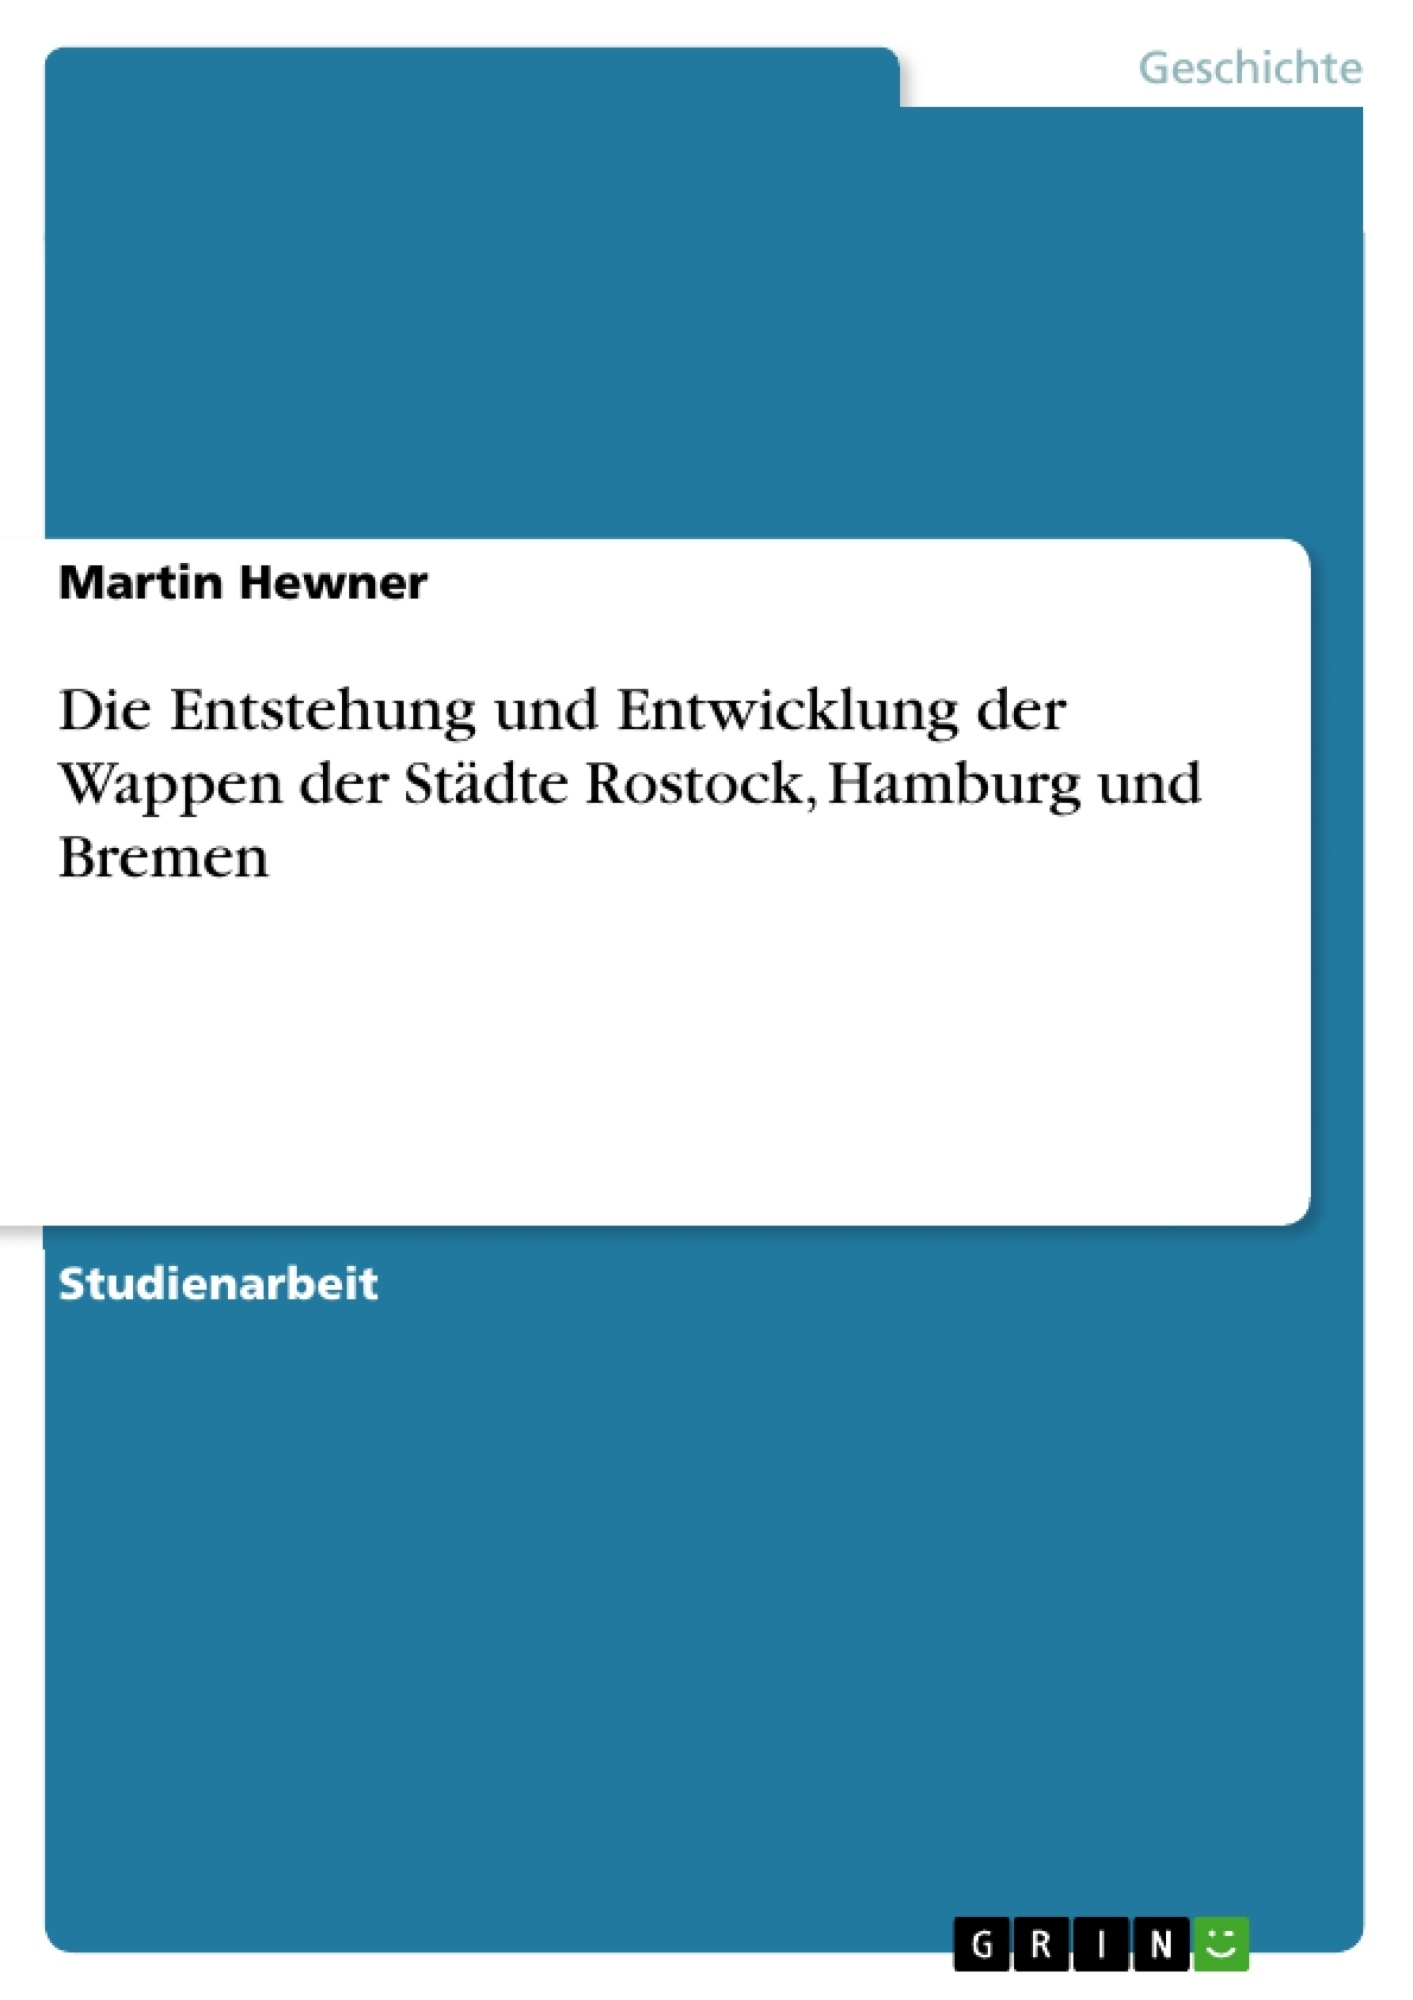 Titel: Die Entstehung und Entwicklung der Wappen der Städte Rostock, Hamburg und Bremen